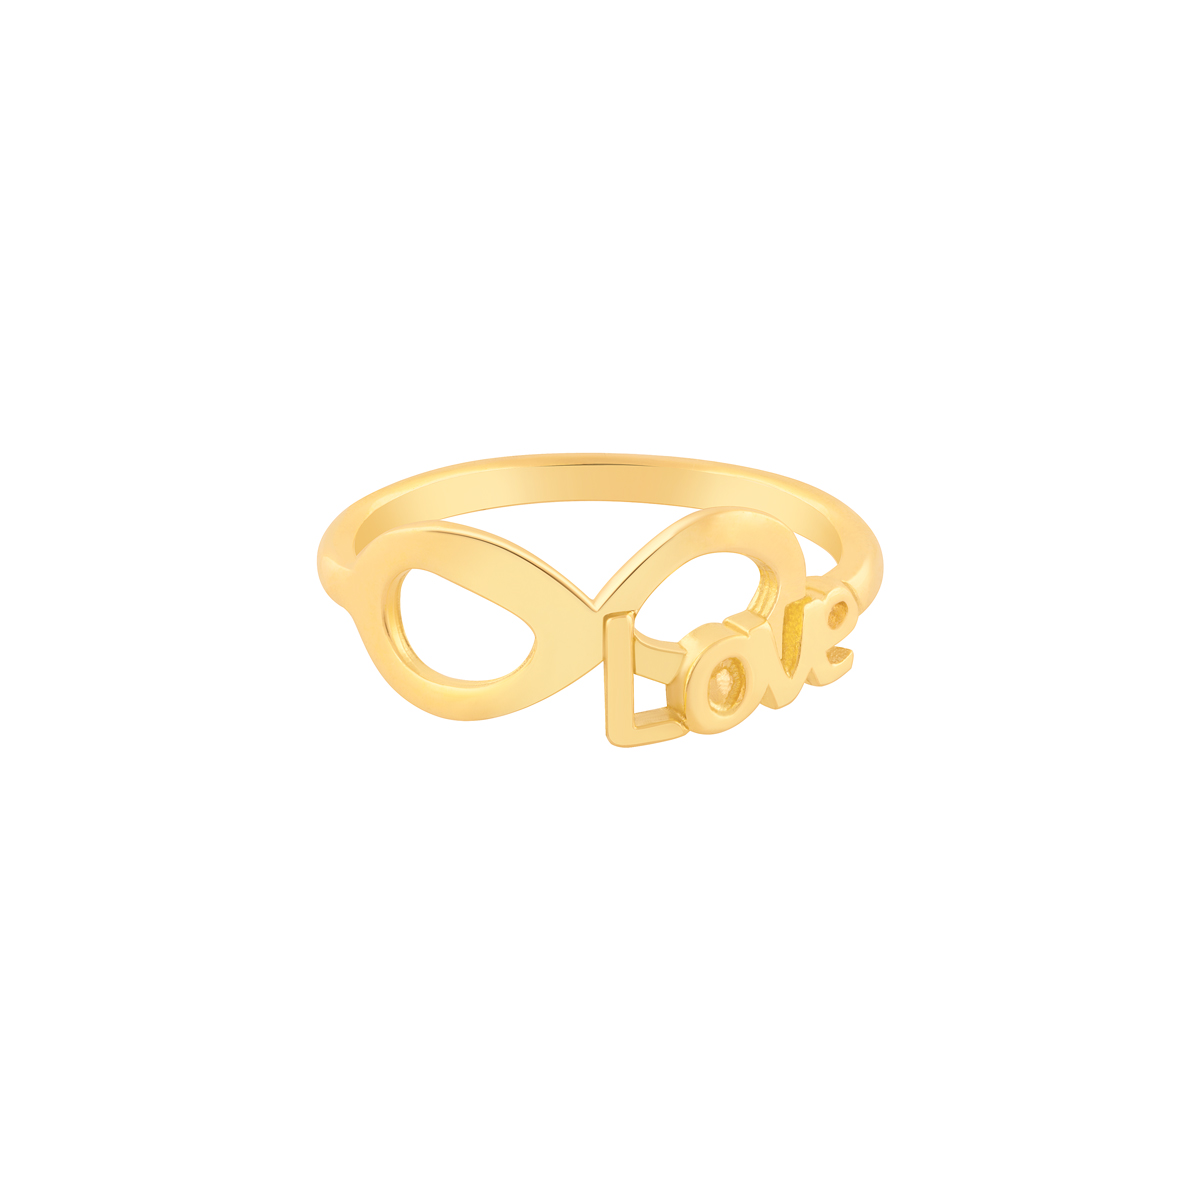 انگشتر طلا LOVE و بی نهایت